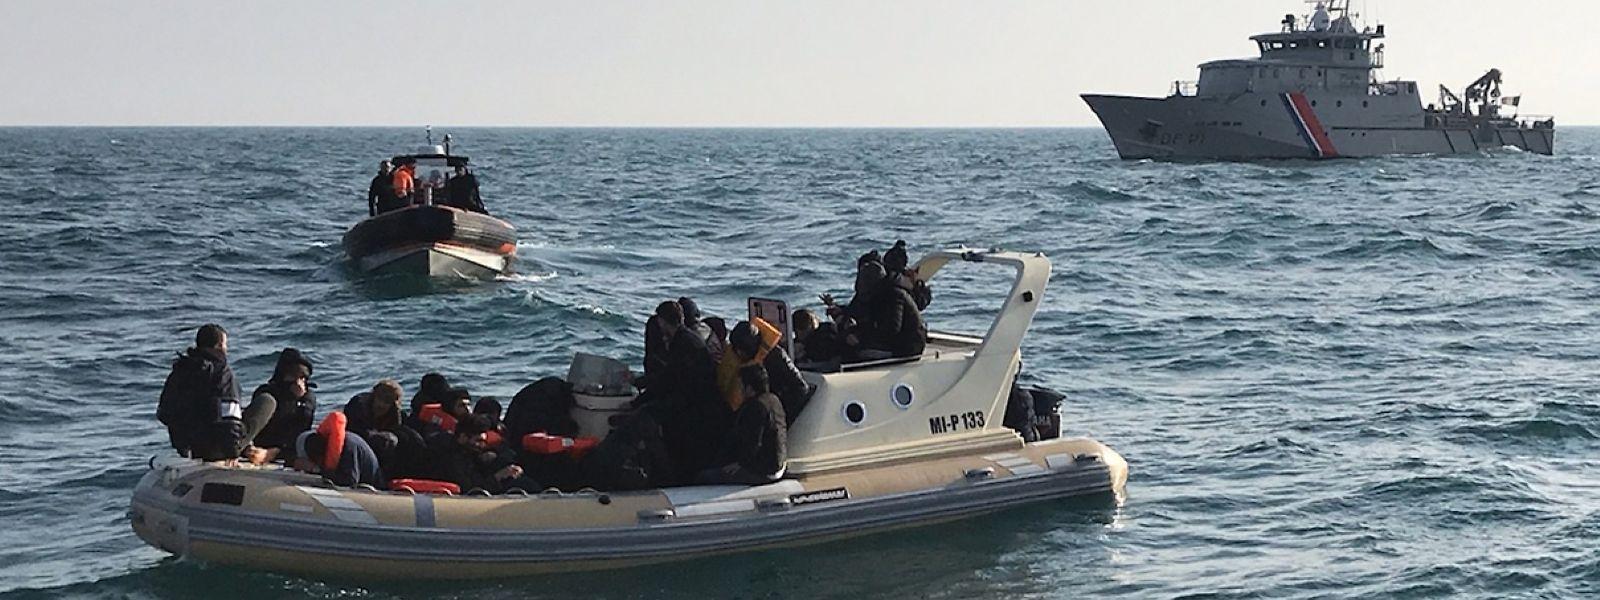 Ein Boot der französischen Küstenwache fängt eines der Boote ab.